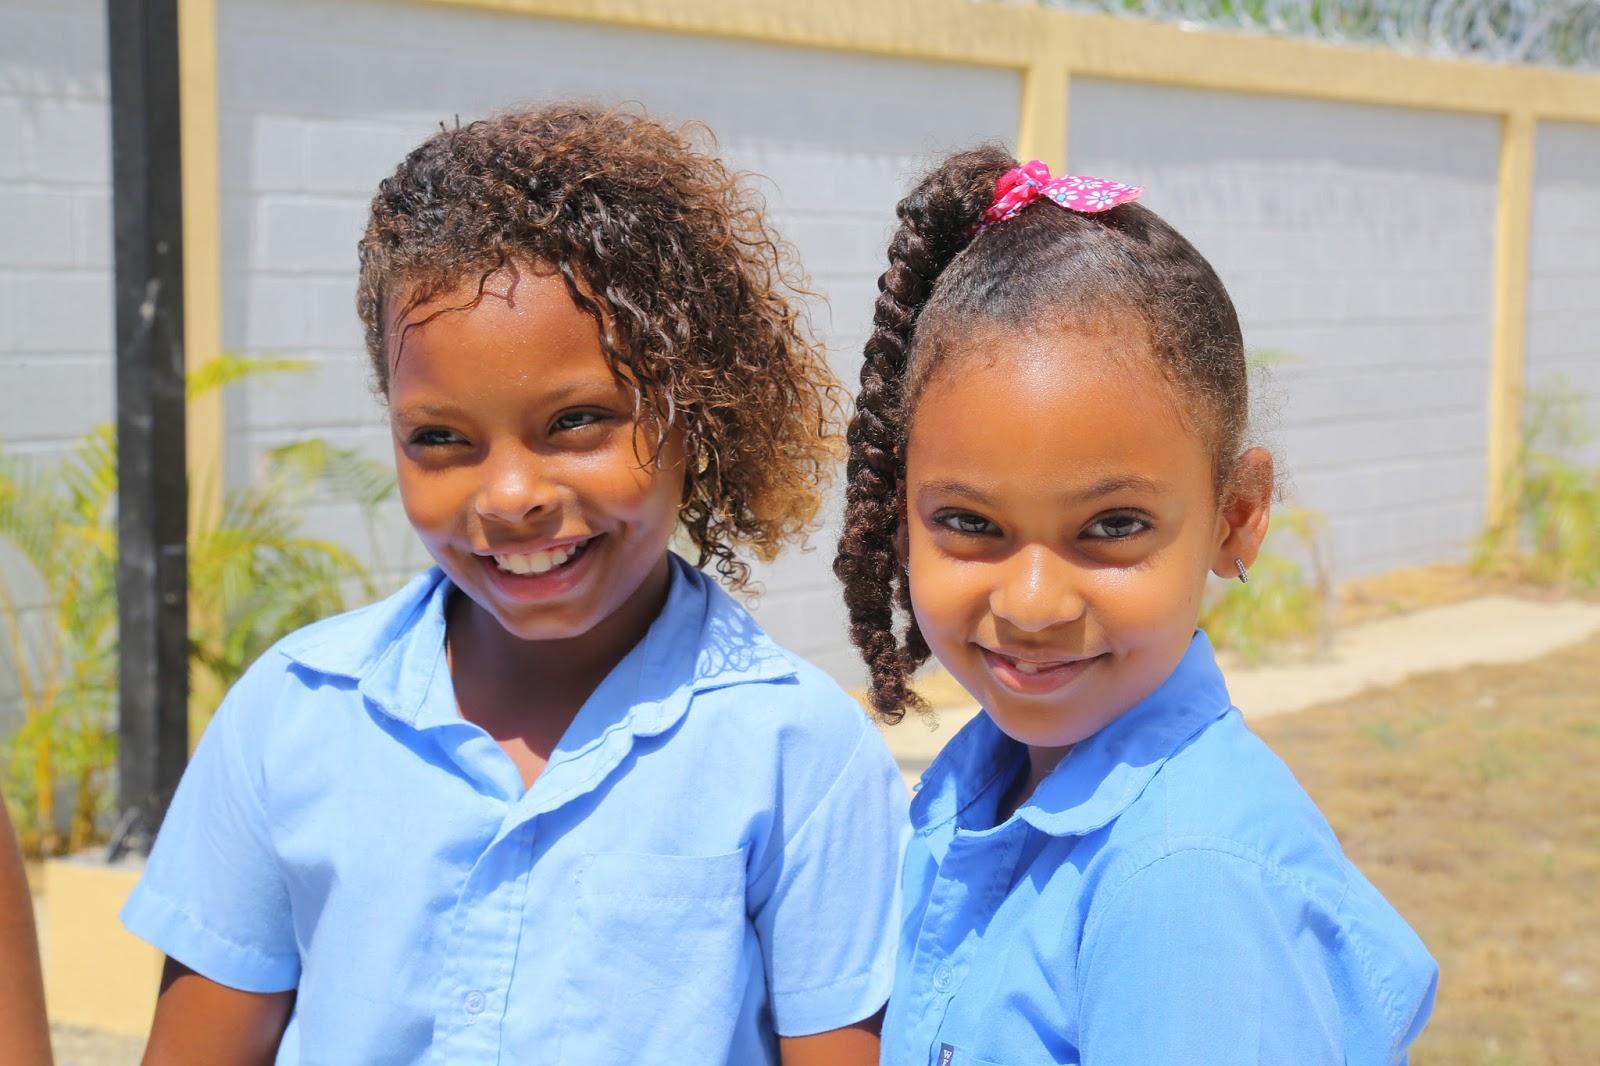 Revolución Educativa llega a Montellano, Puerto Plata; estudiantes reciben escuela Juan Lockward. Danilo también entrega dos estancias infantiles